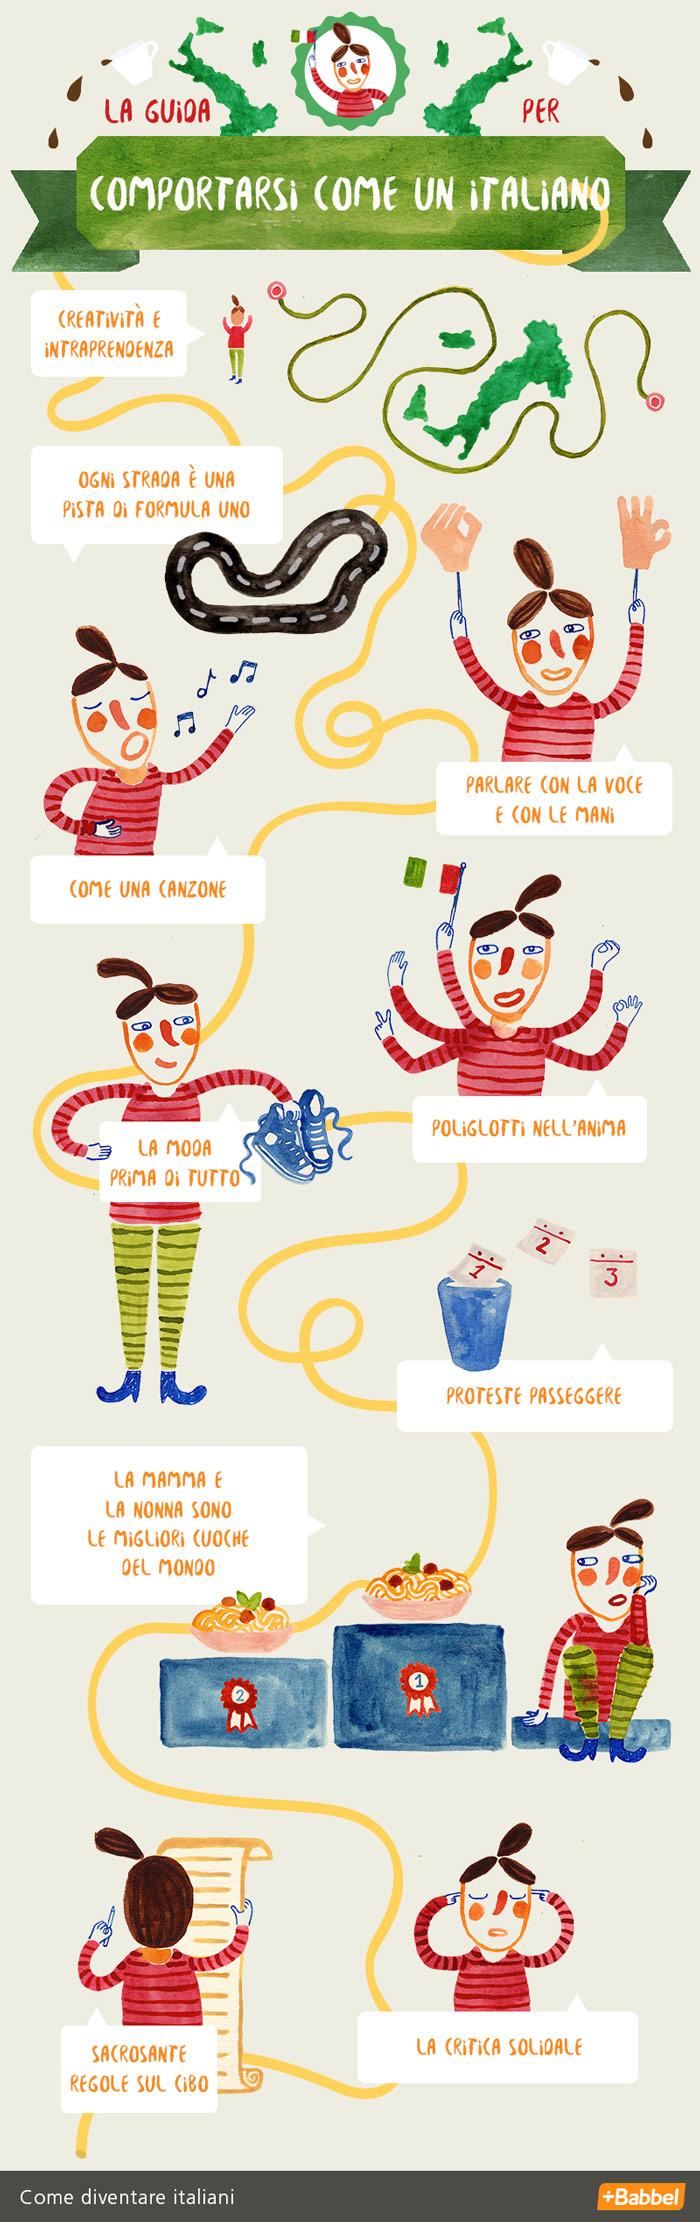 Come diventare italiani in 10 tappe